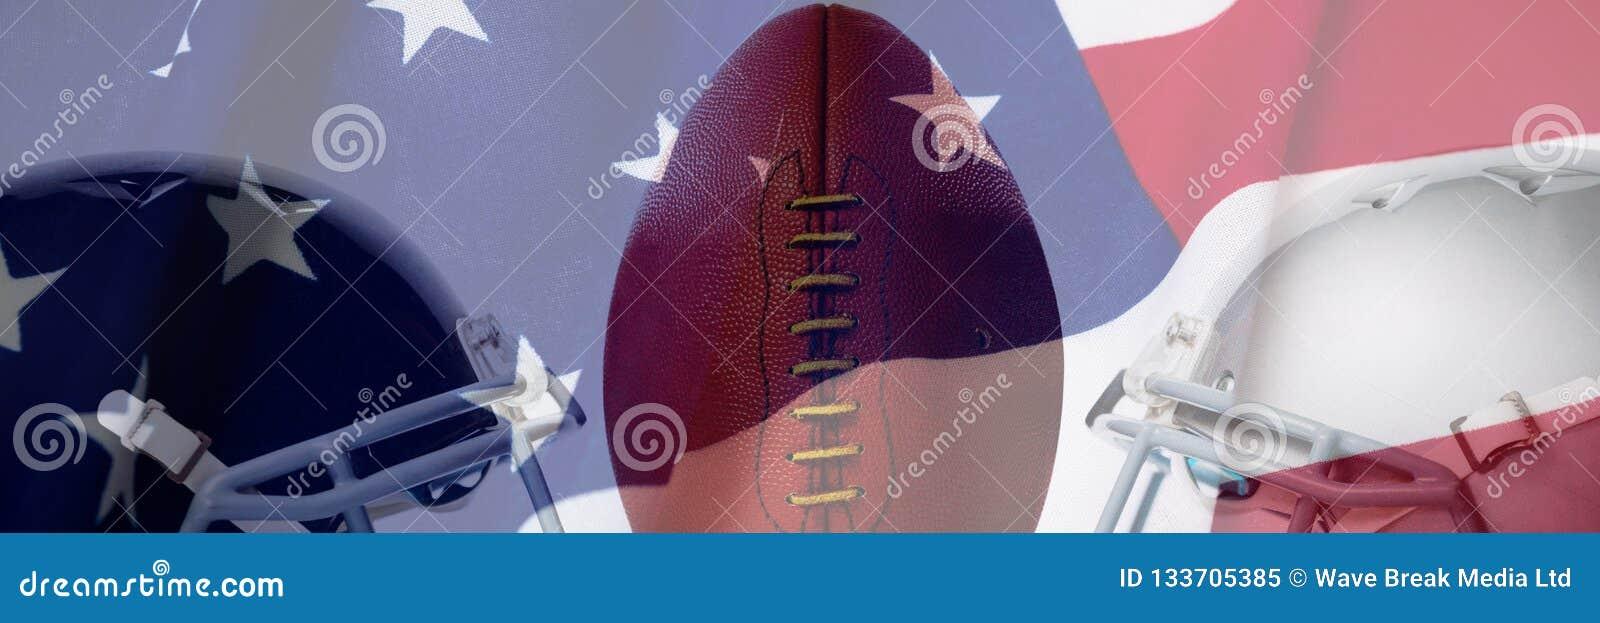 关闭的综合图象在发球区域的棕色美式足球由体育盔甲